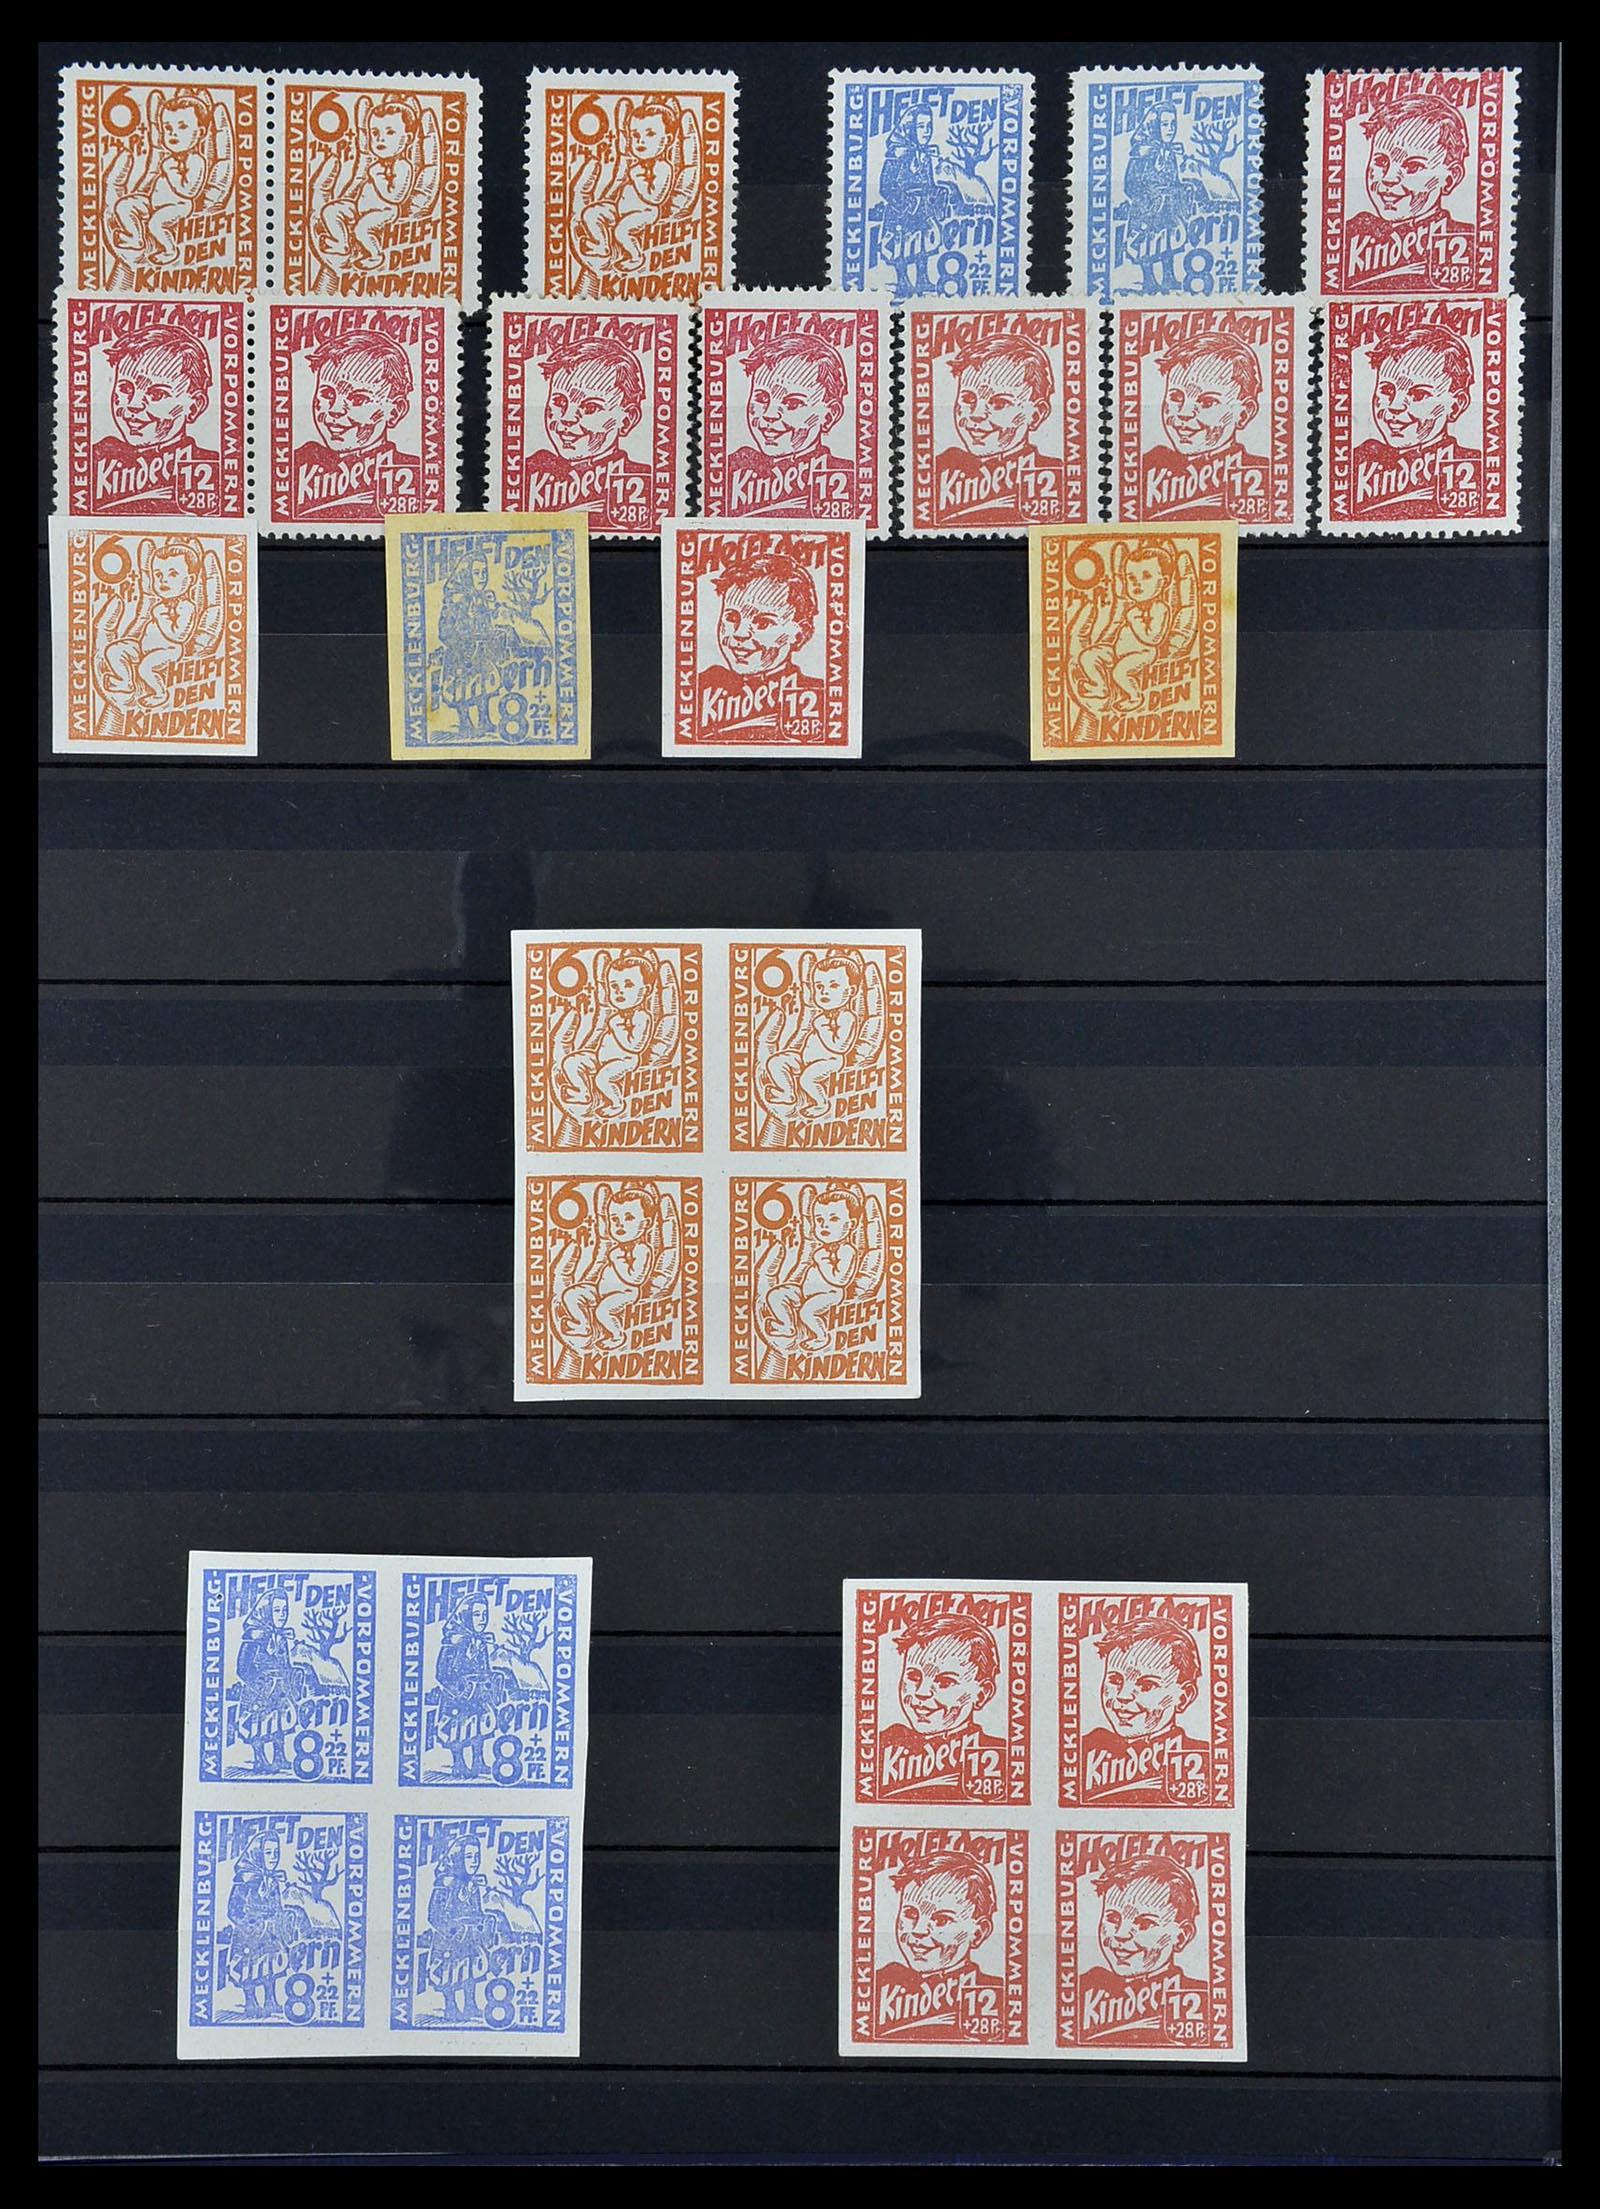 34039 010 - Postzegelverzameling 34039 Mecklenburg-Vorpommern 1945-1946.